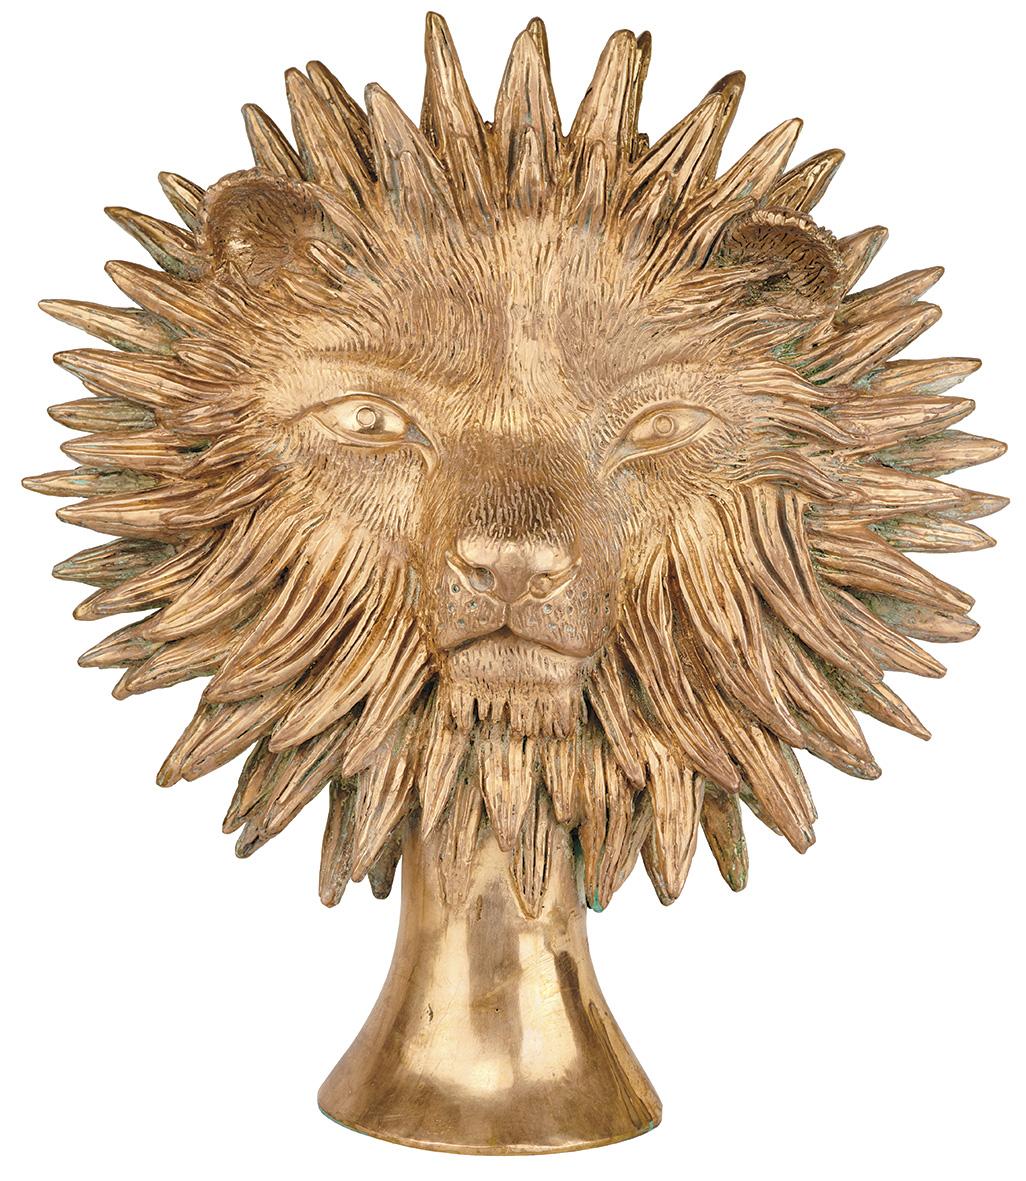 Lors de cette vente sera proposé un ensemble d'œuvres provenant de la collection de Jo Pasquali, l'héritier de Jean Marais(1913-1998), ma